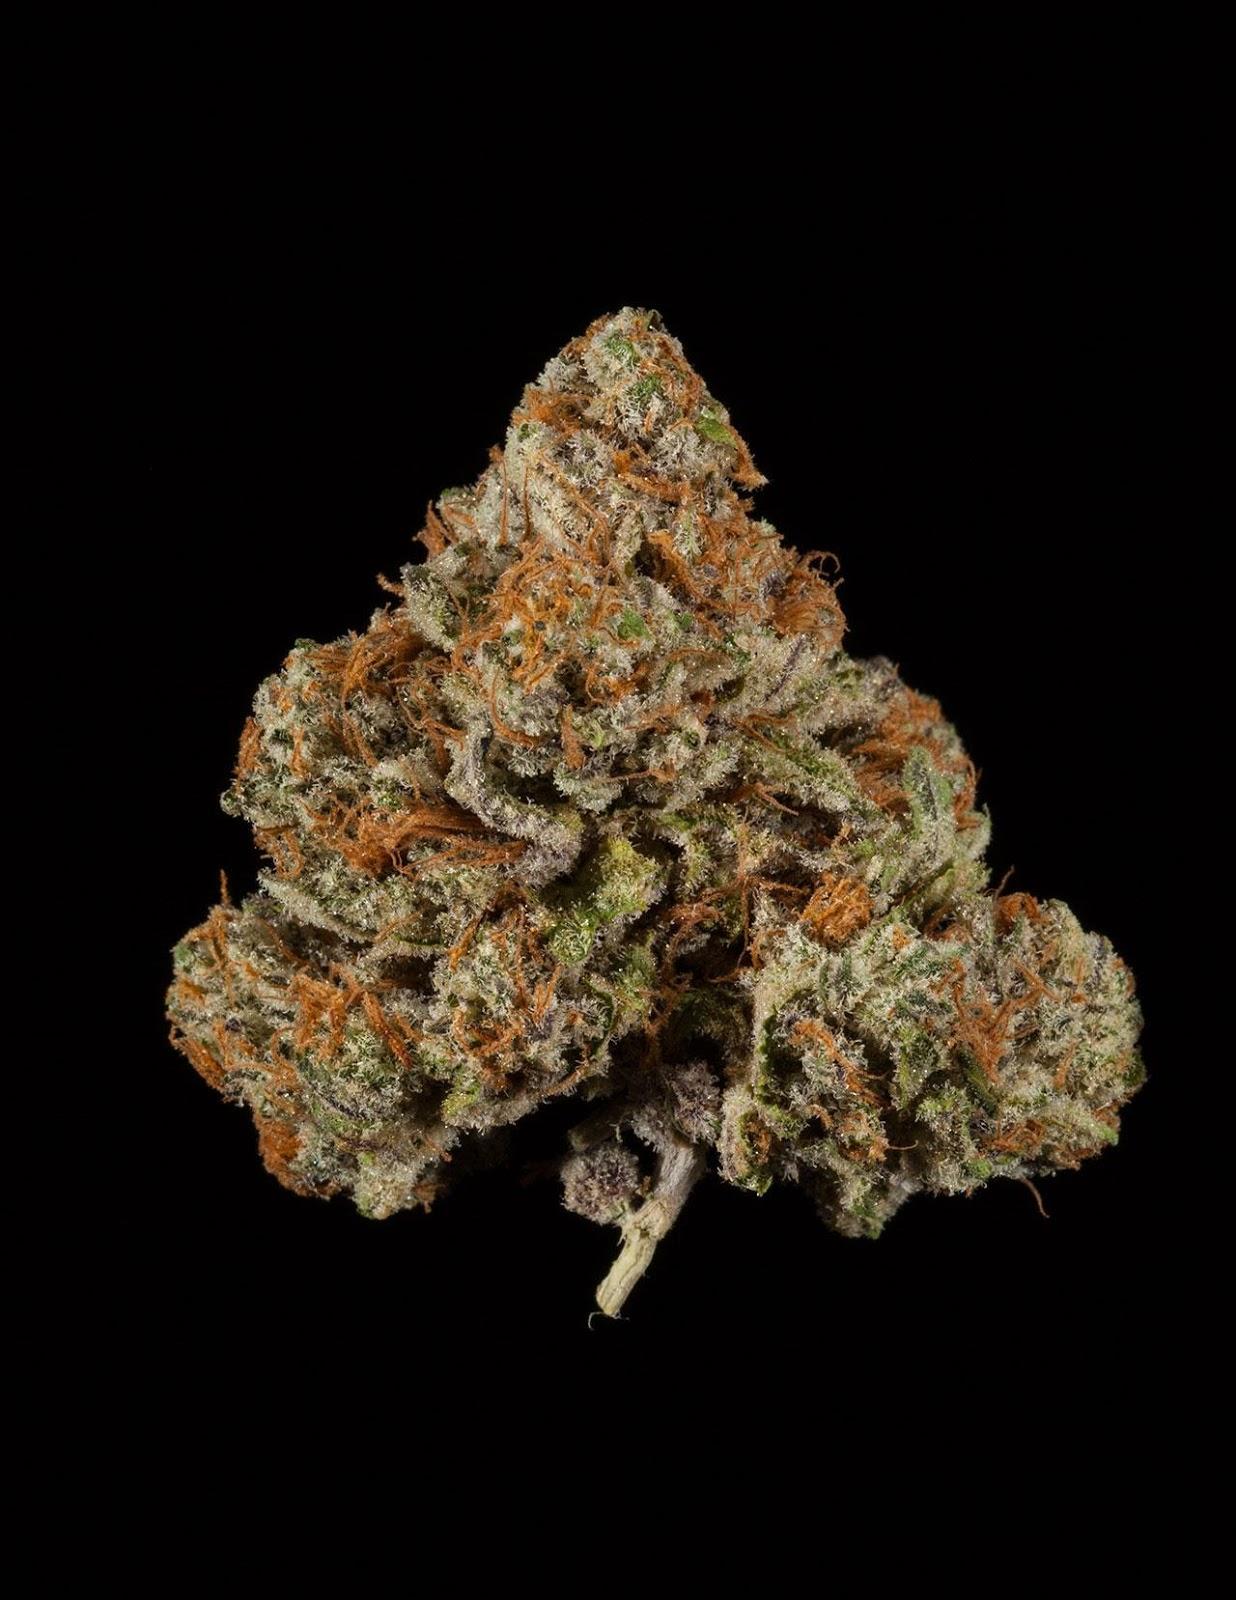 SinMint Cookies | #Kush #Weed